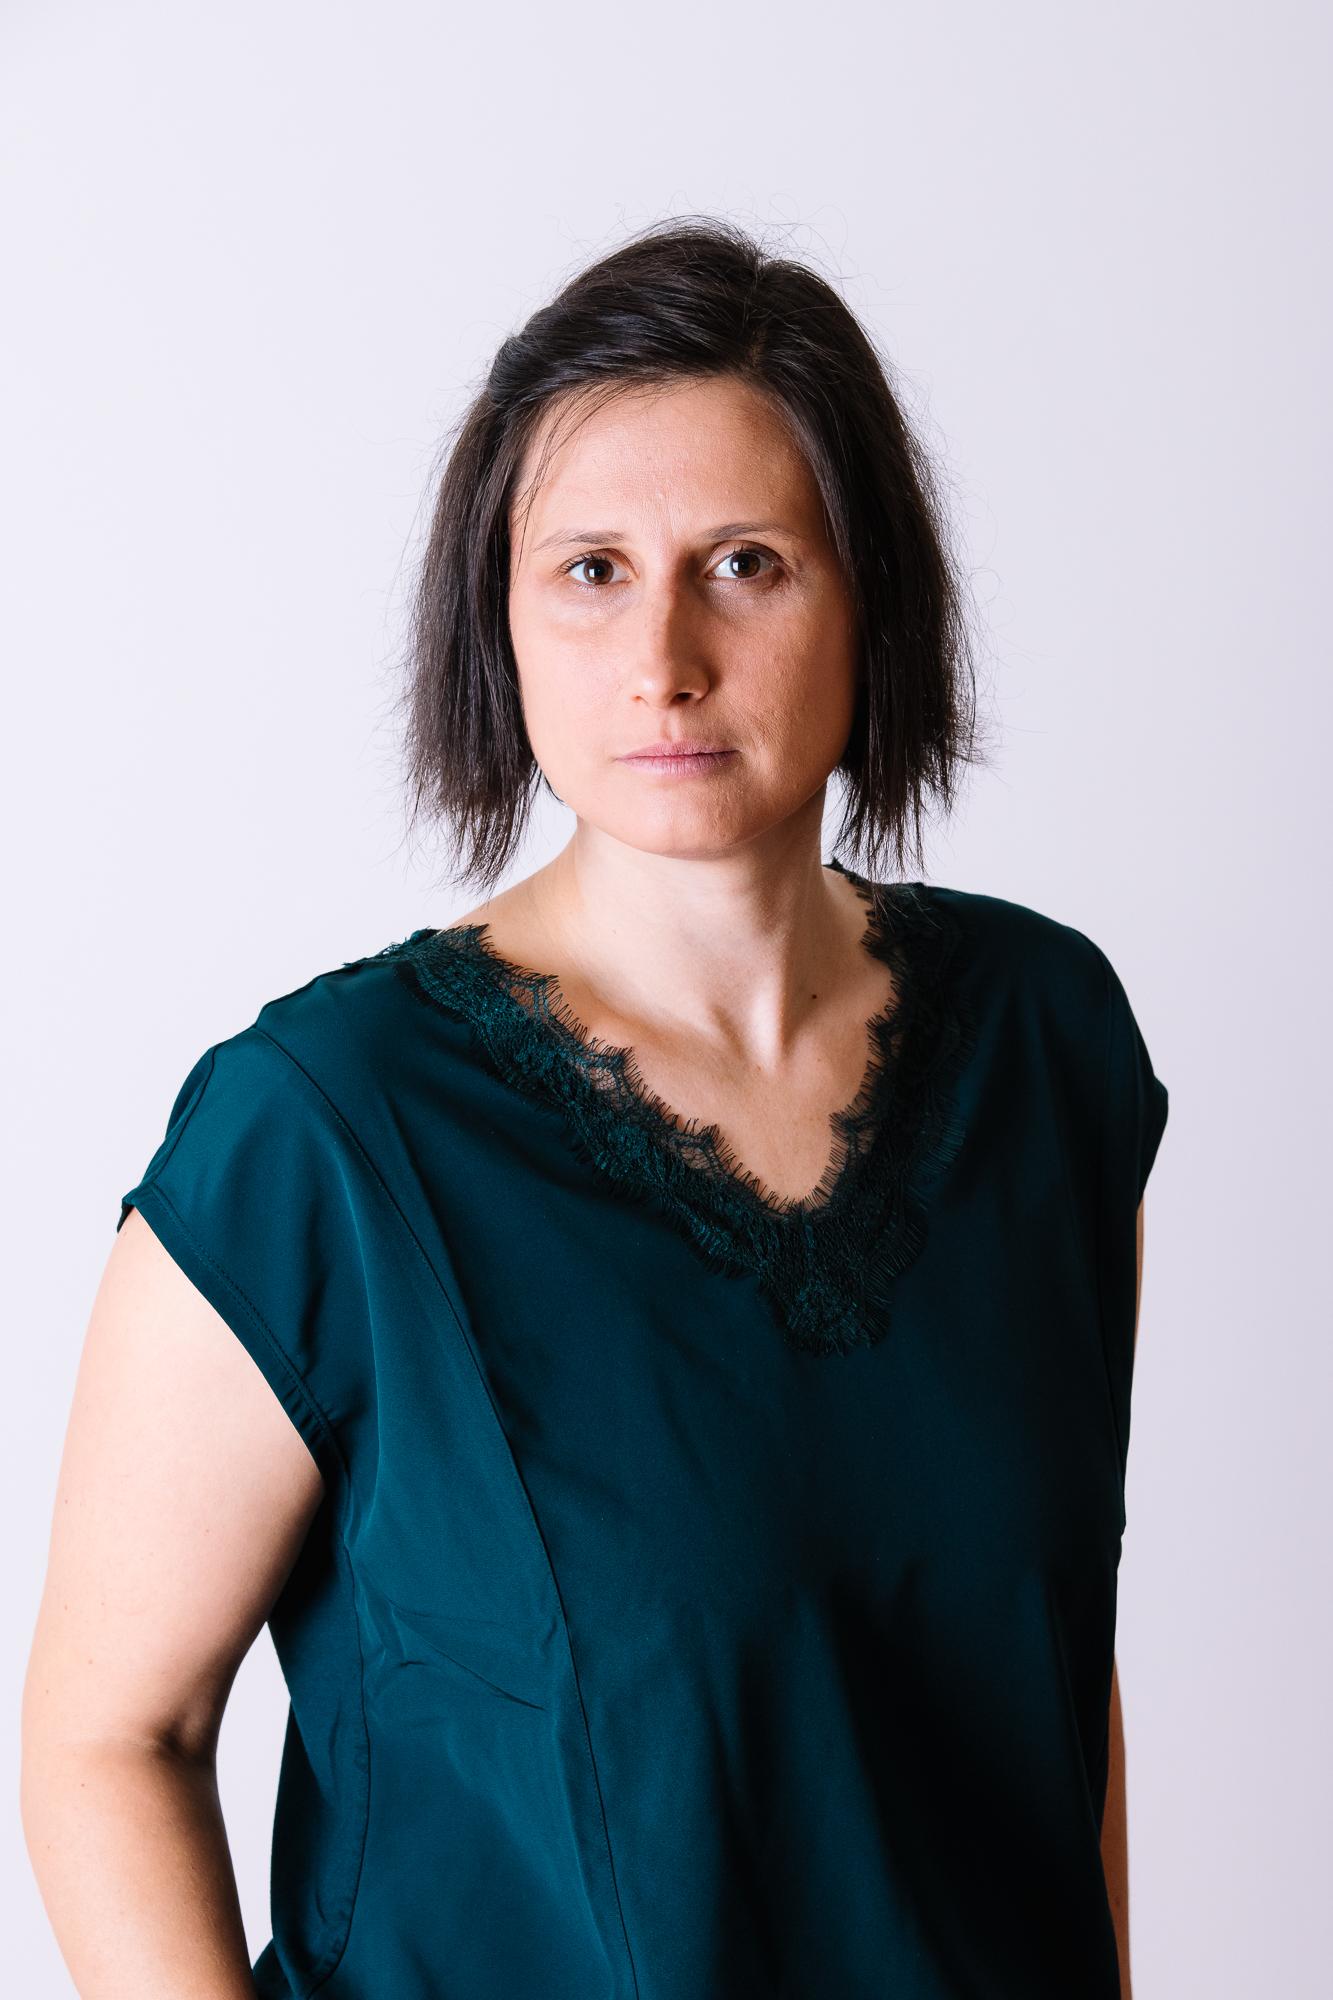 Ana Štefančič